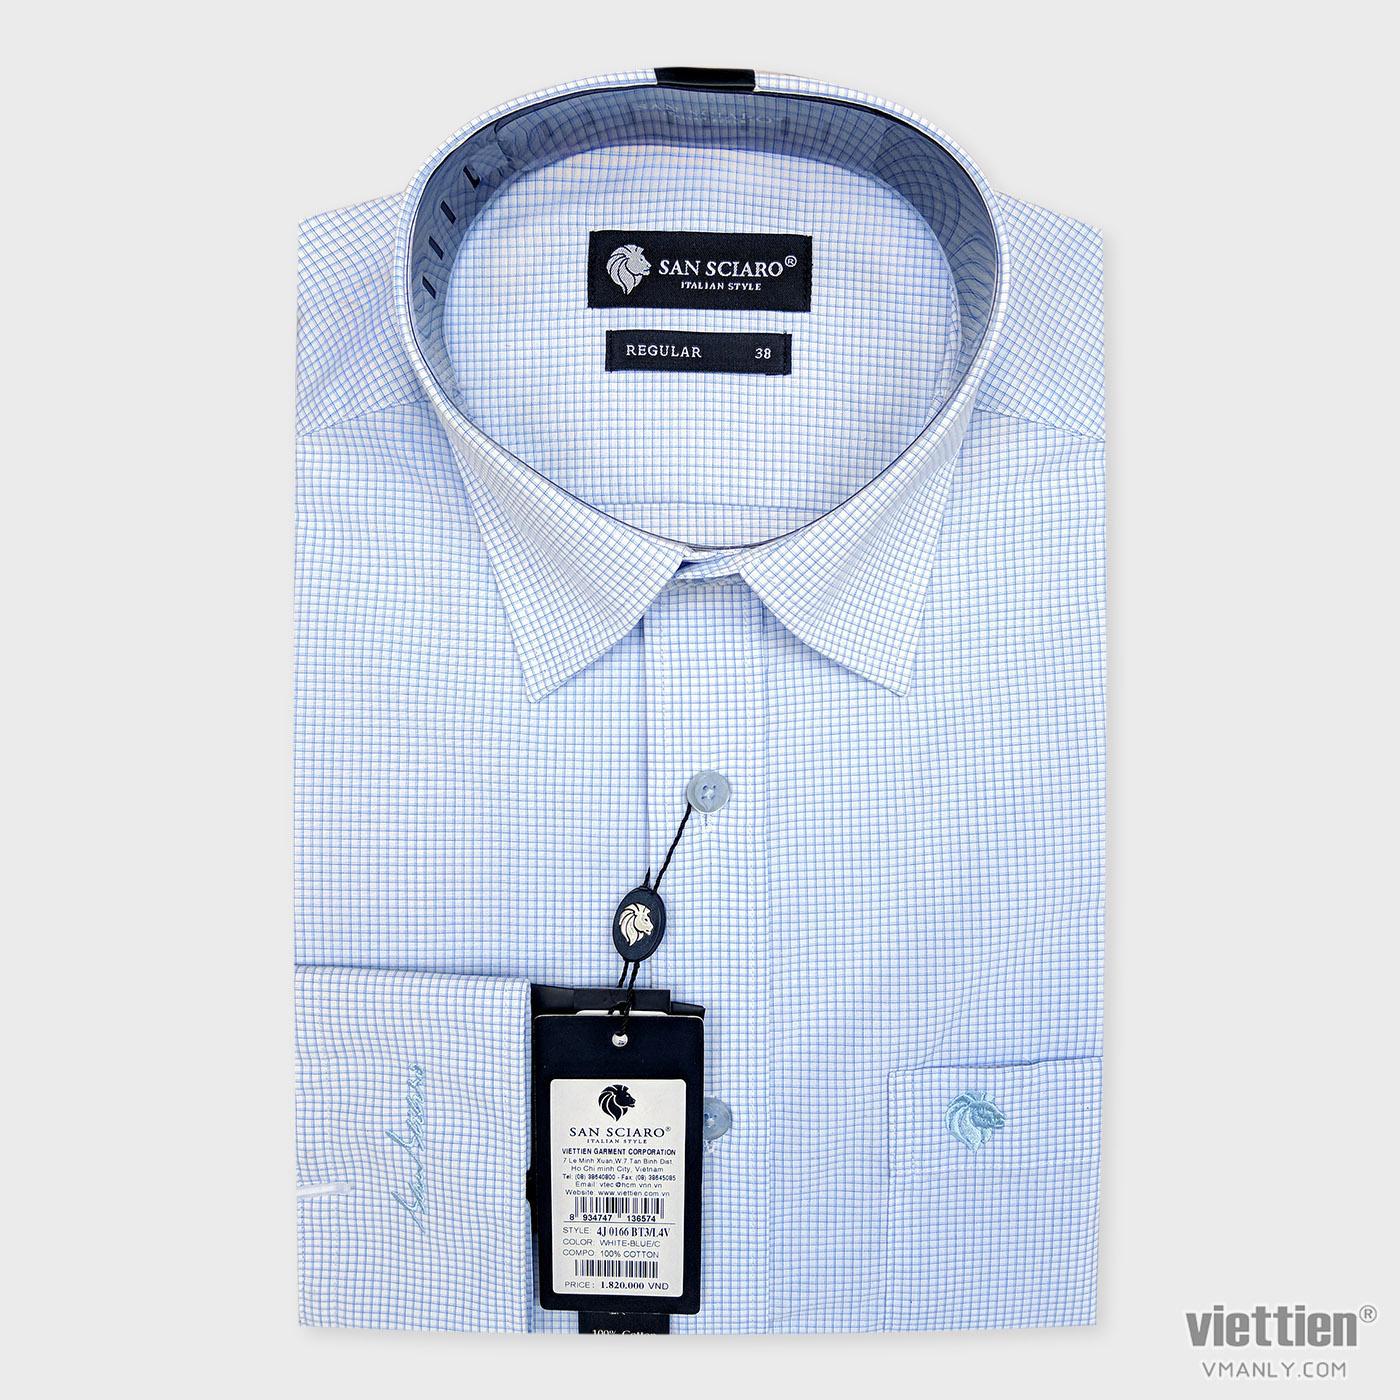 Áo sơ mi cao cấp San Sciaro Việt Tiến dài tay có túi màu trắng caro xanh 4J0166BT3/L4V